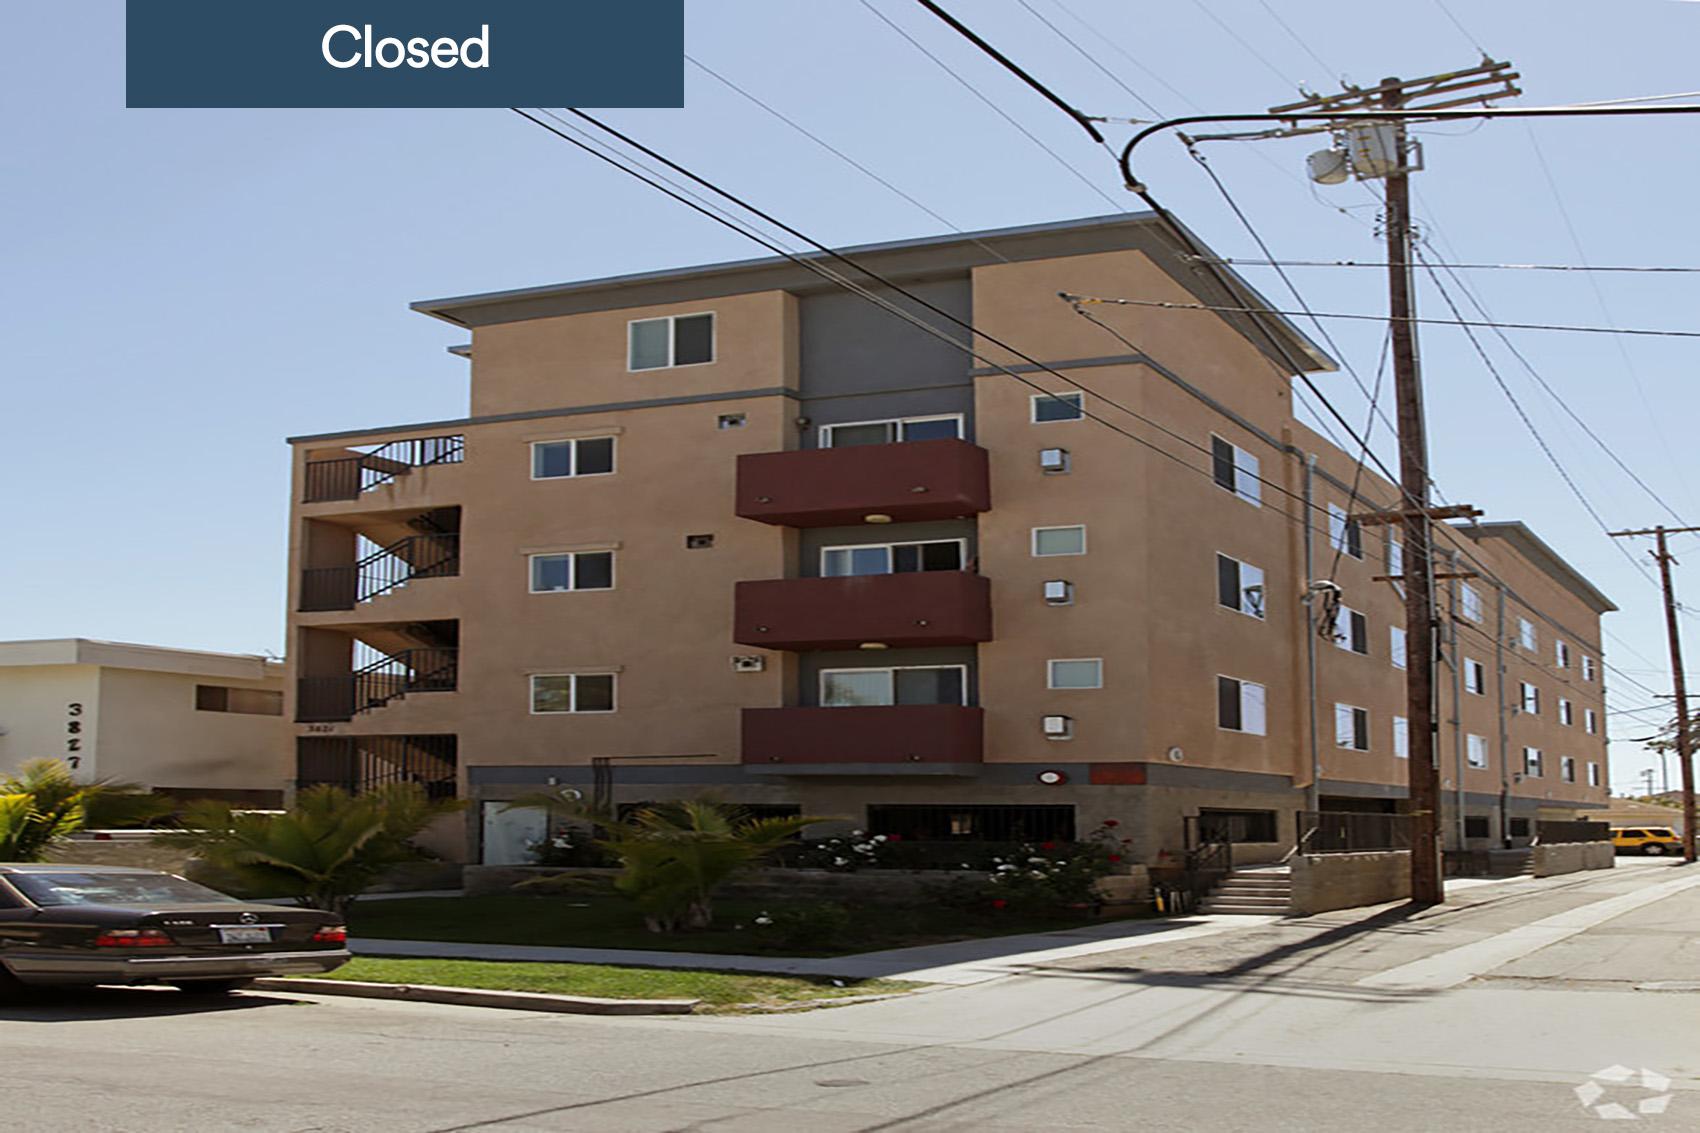 3821-mentone-ave-culver-city-ca-building-photo copy.jpg